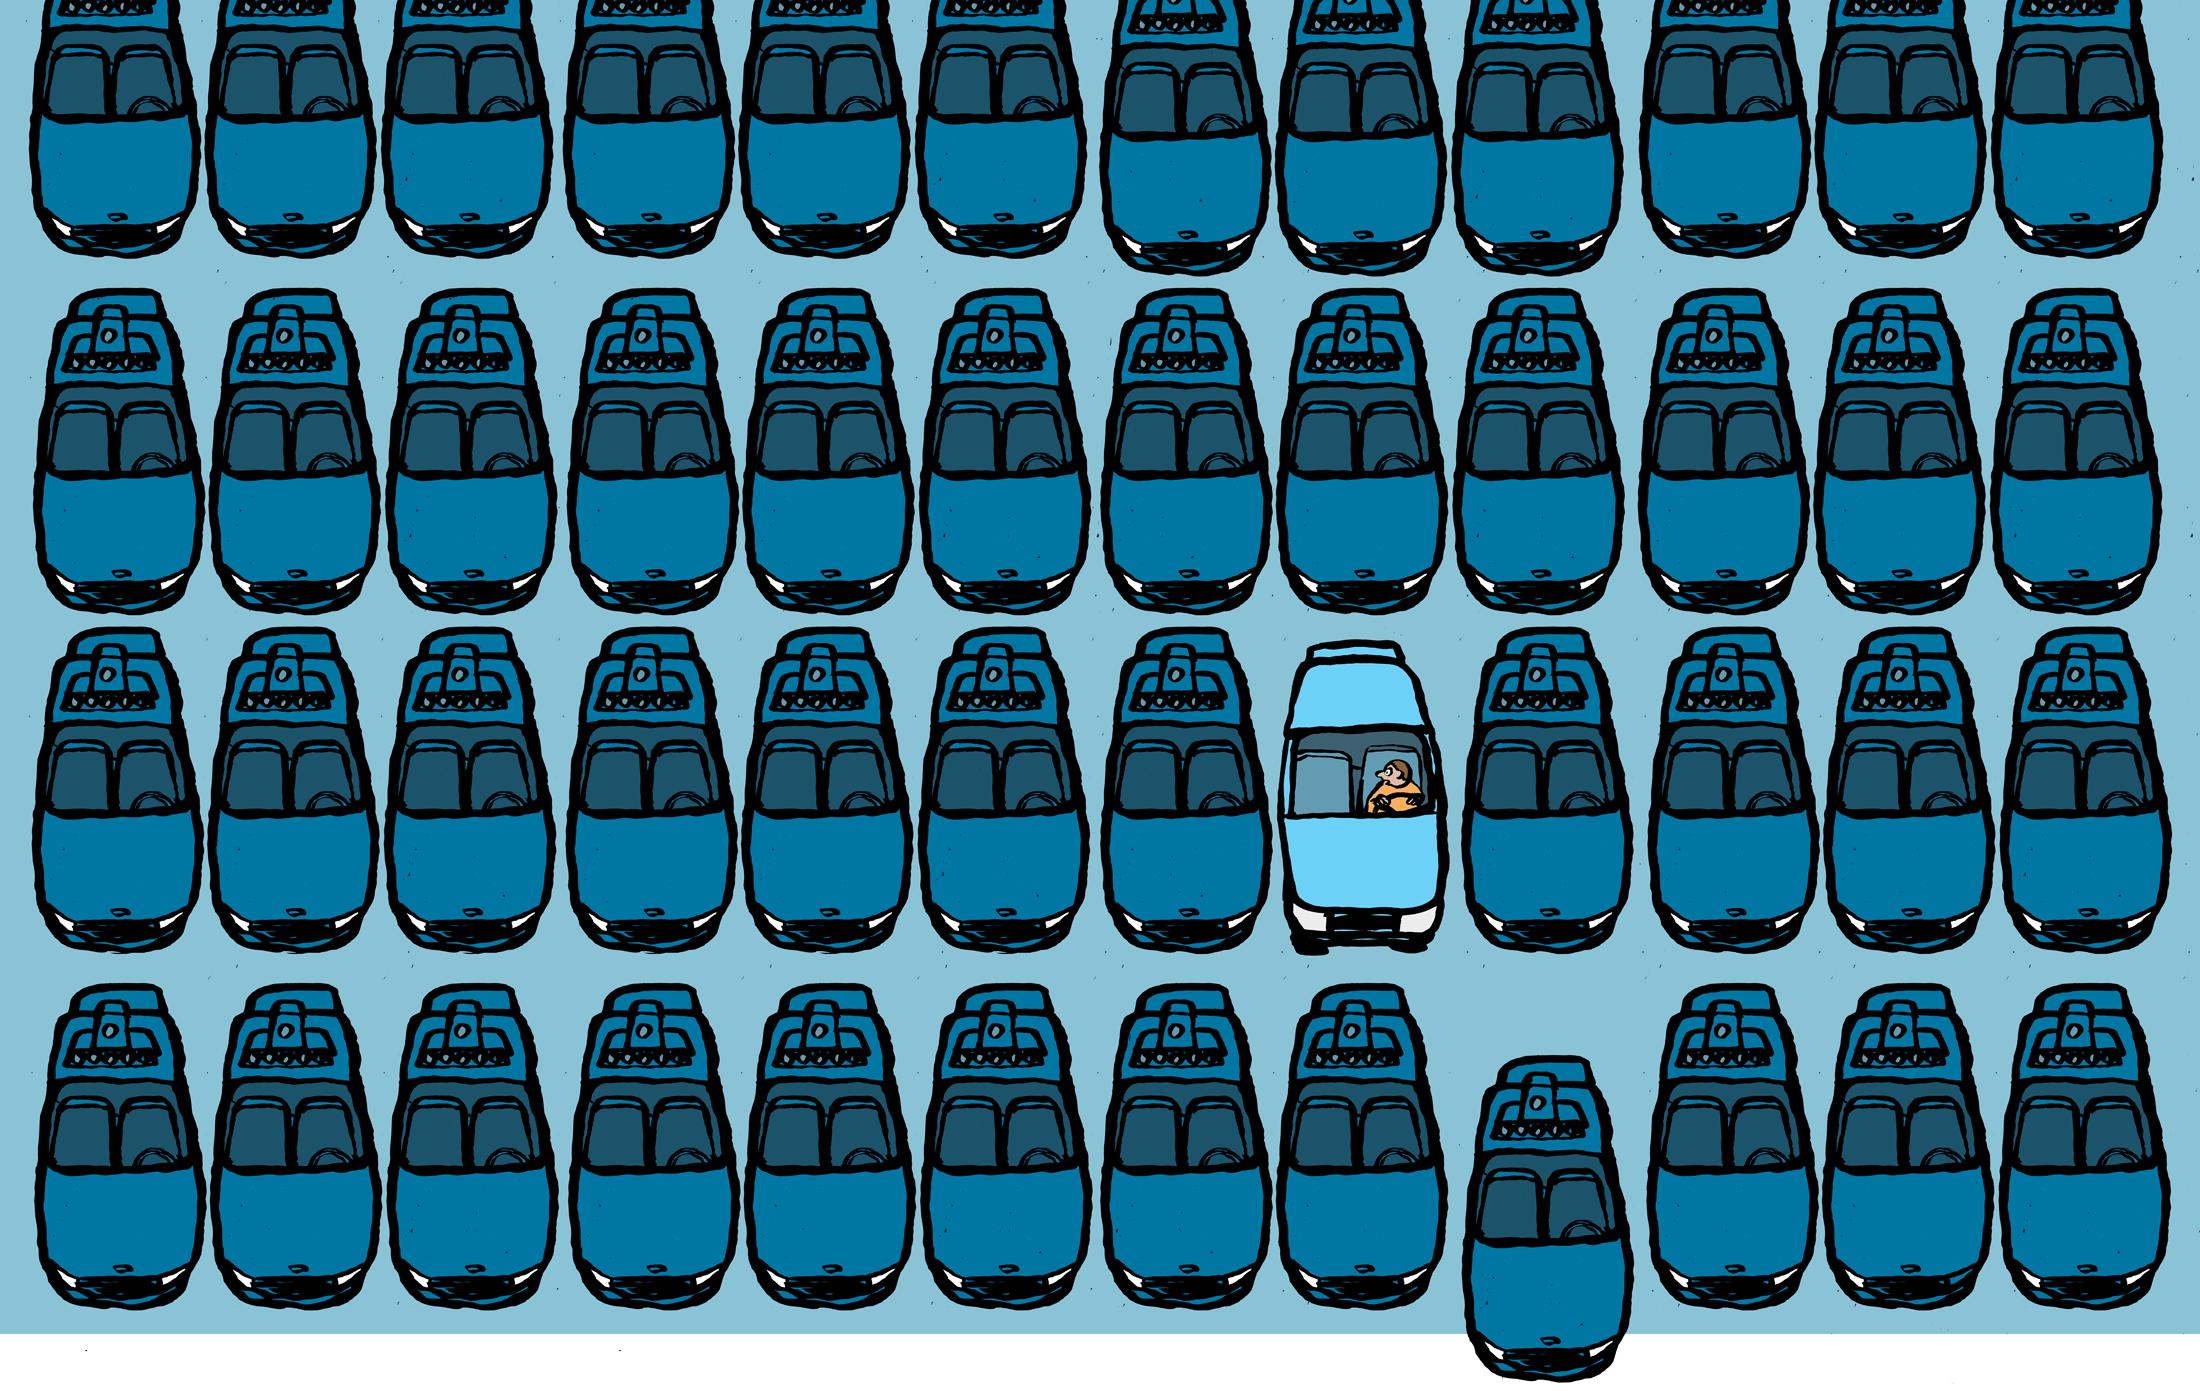 試験中の自動運転タクシーはしばらく試験中のままな理由